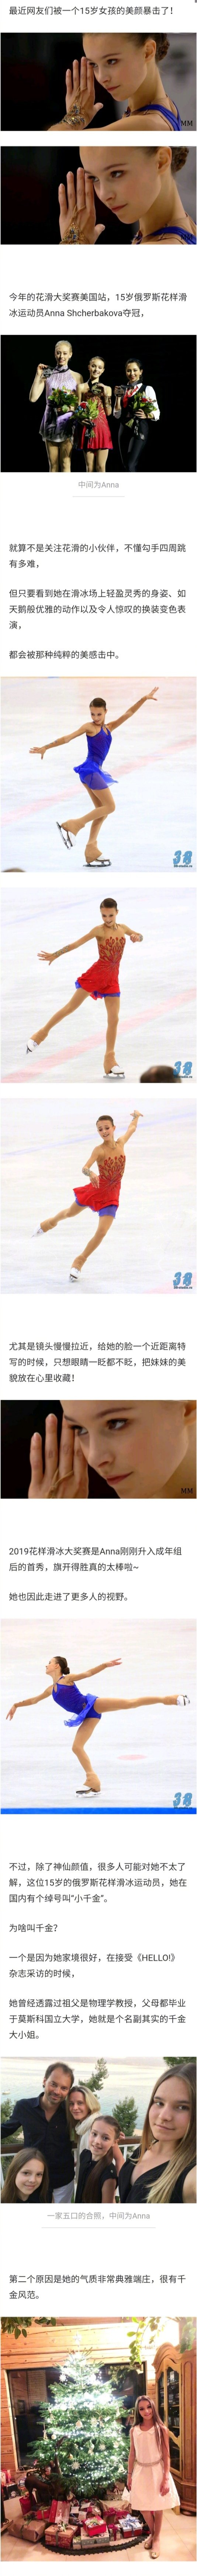 15岁俄罗斯花滑运动员Anna Shcherbakova 涨姿势 第2张